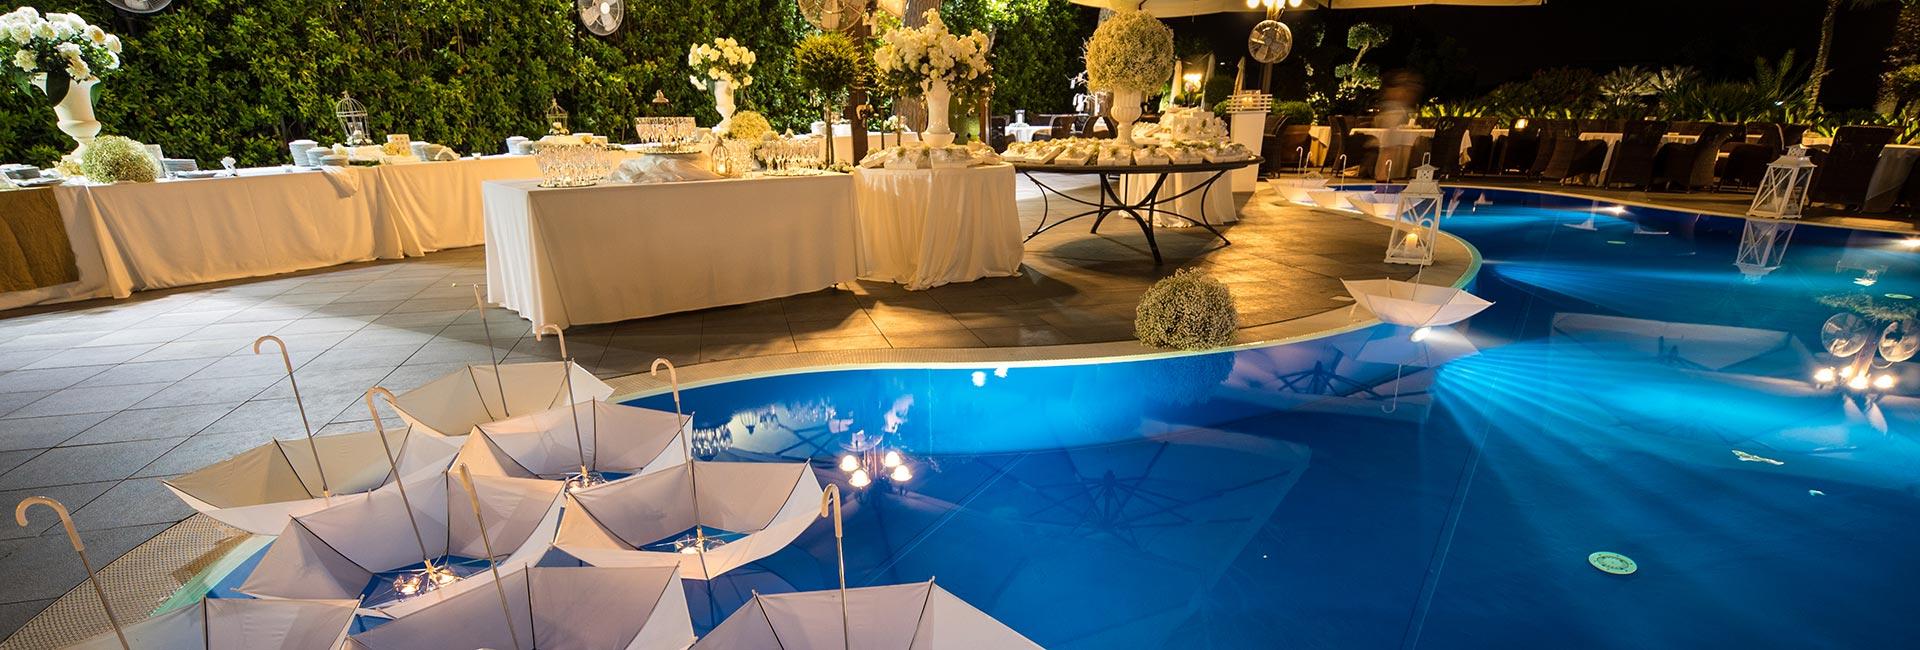 Location per matrimoni napoli ristorante blue marlin club for Addobbi piscina per matrimonio